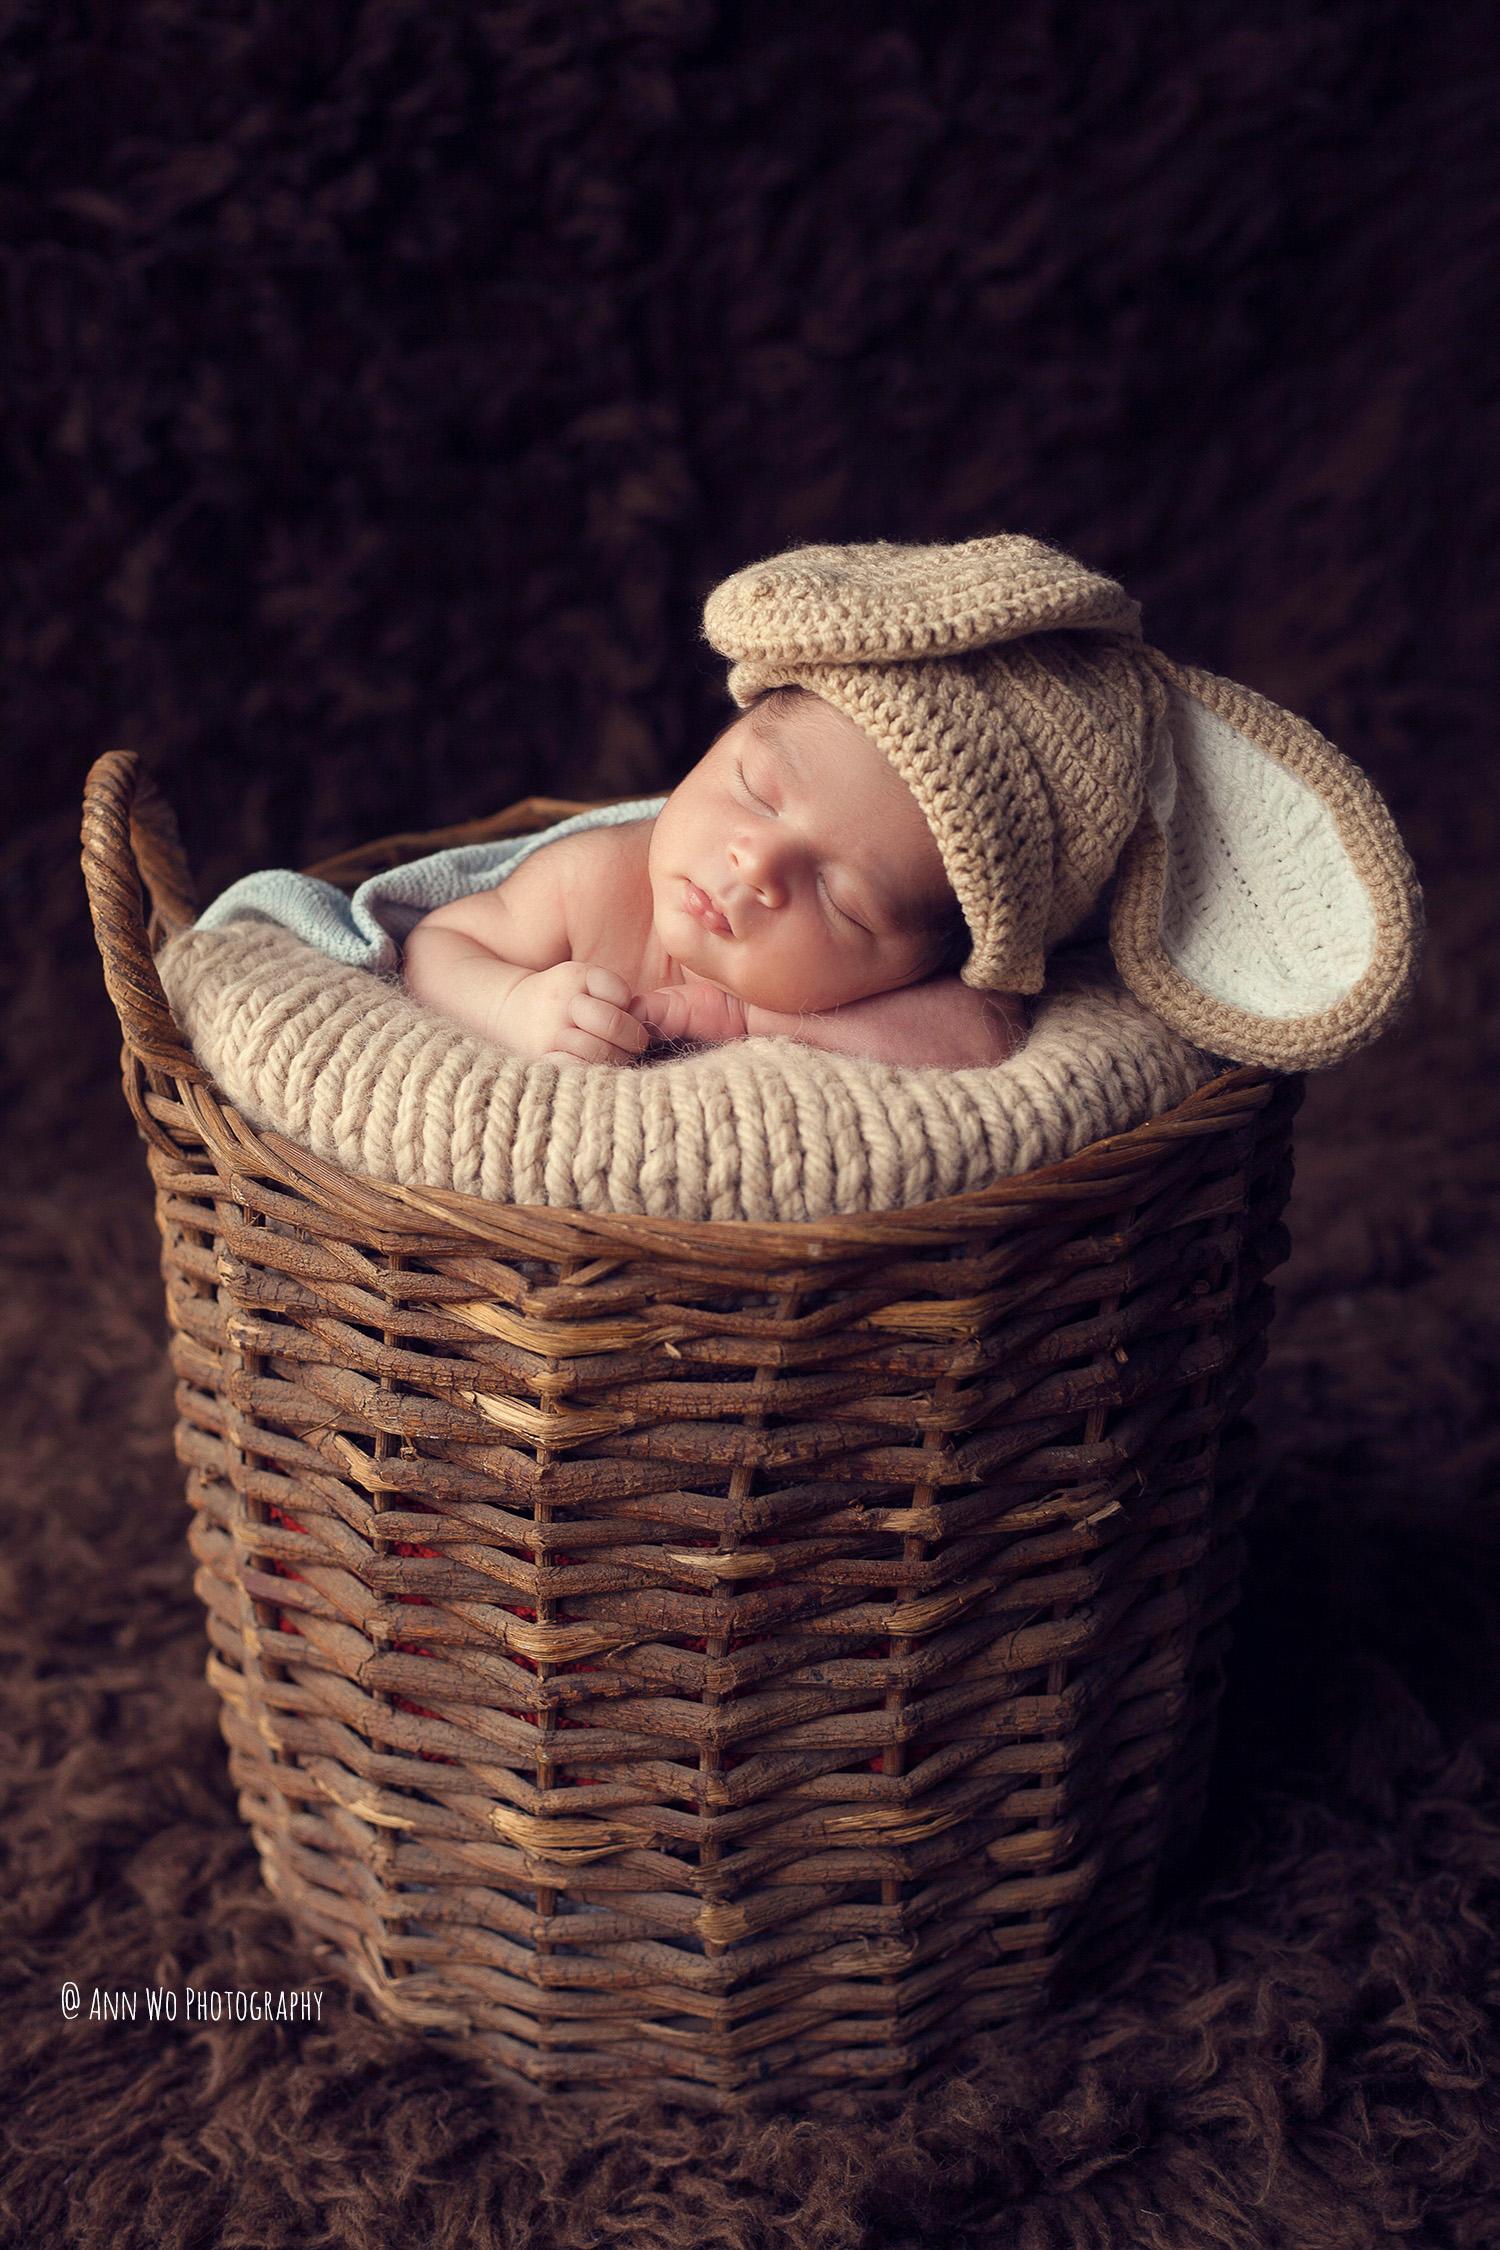 newborn photographer london ann wo13.jpg